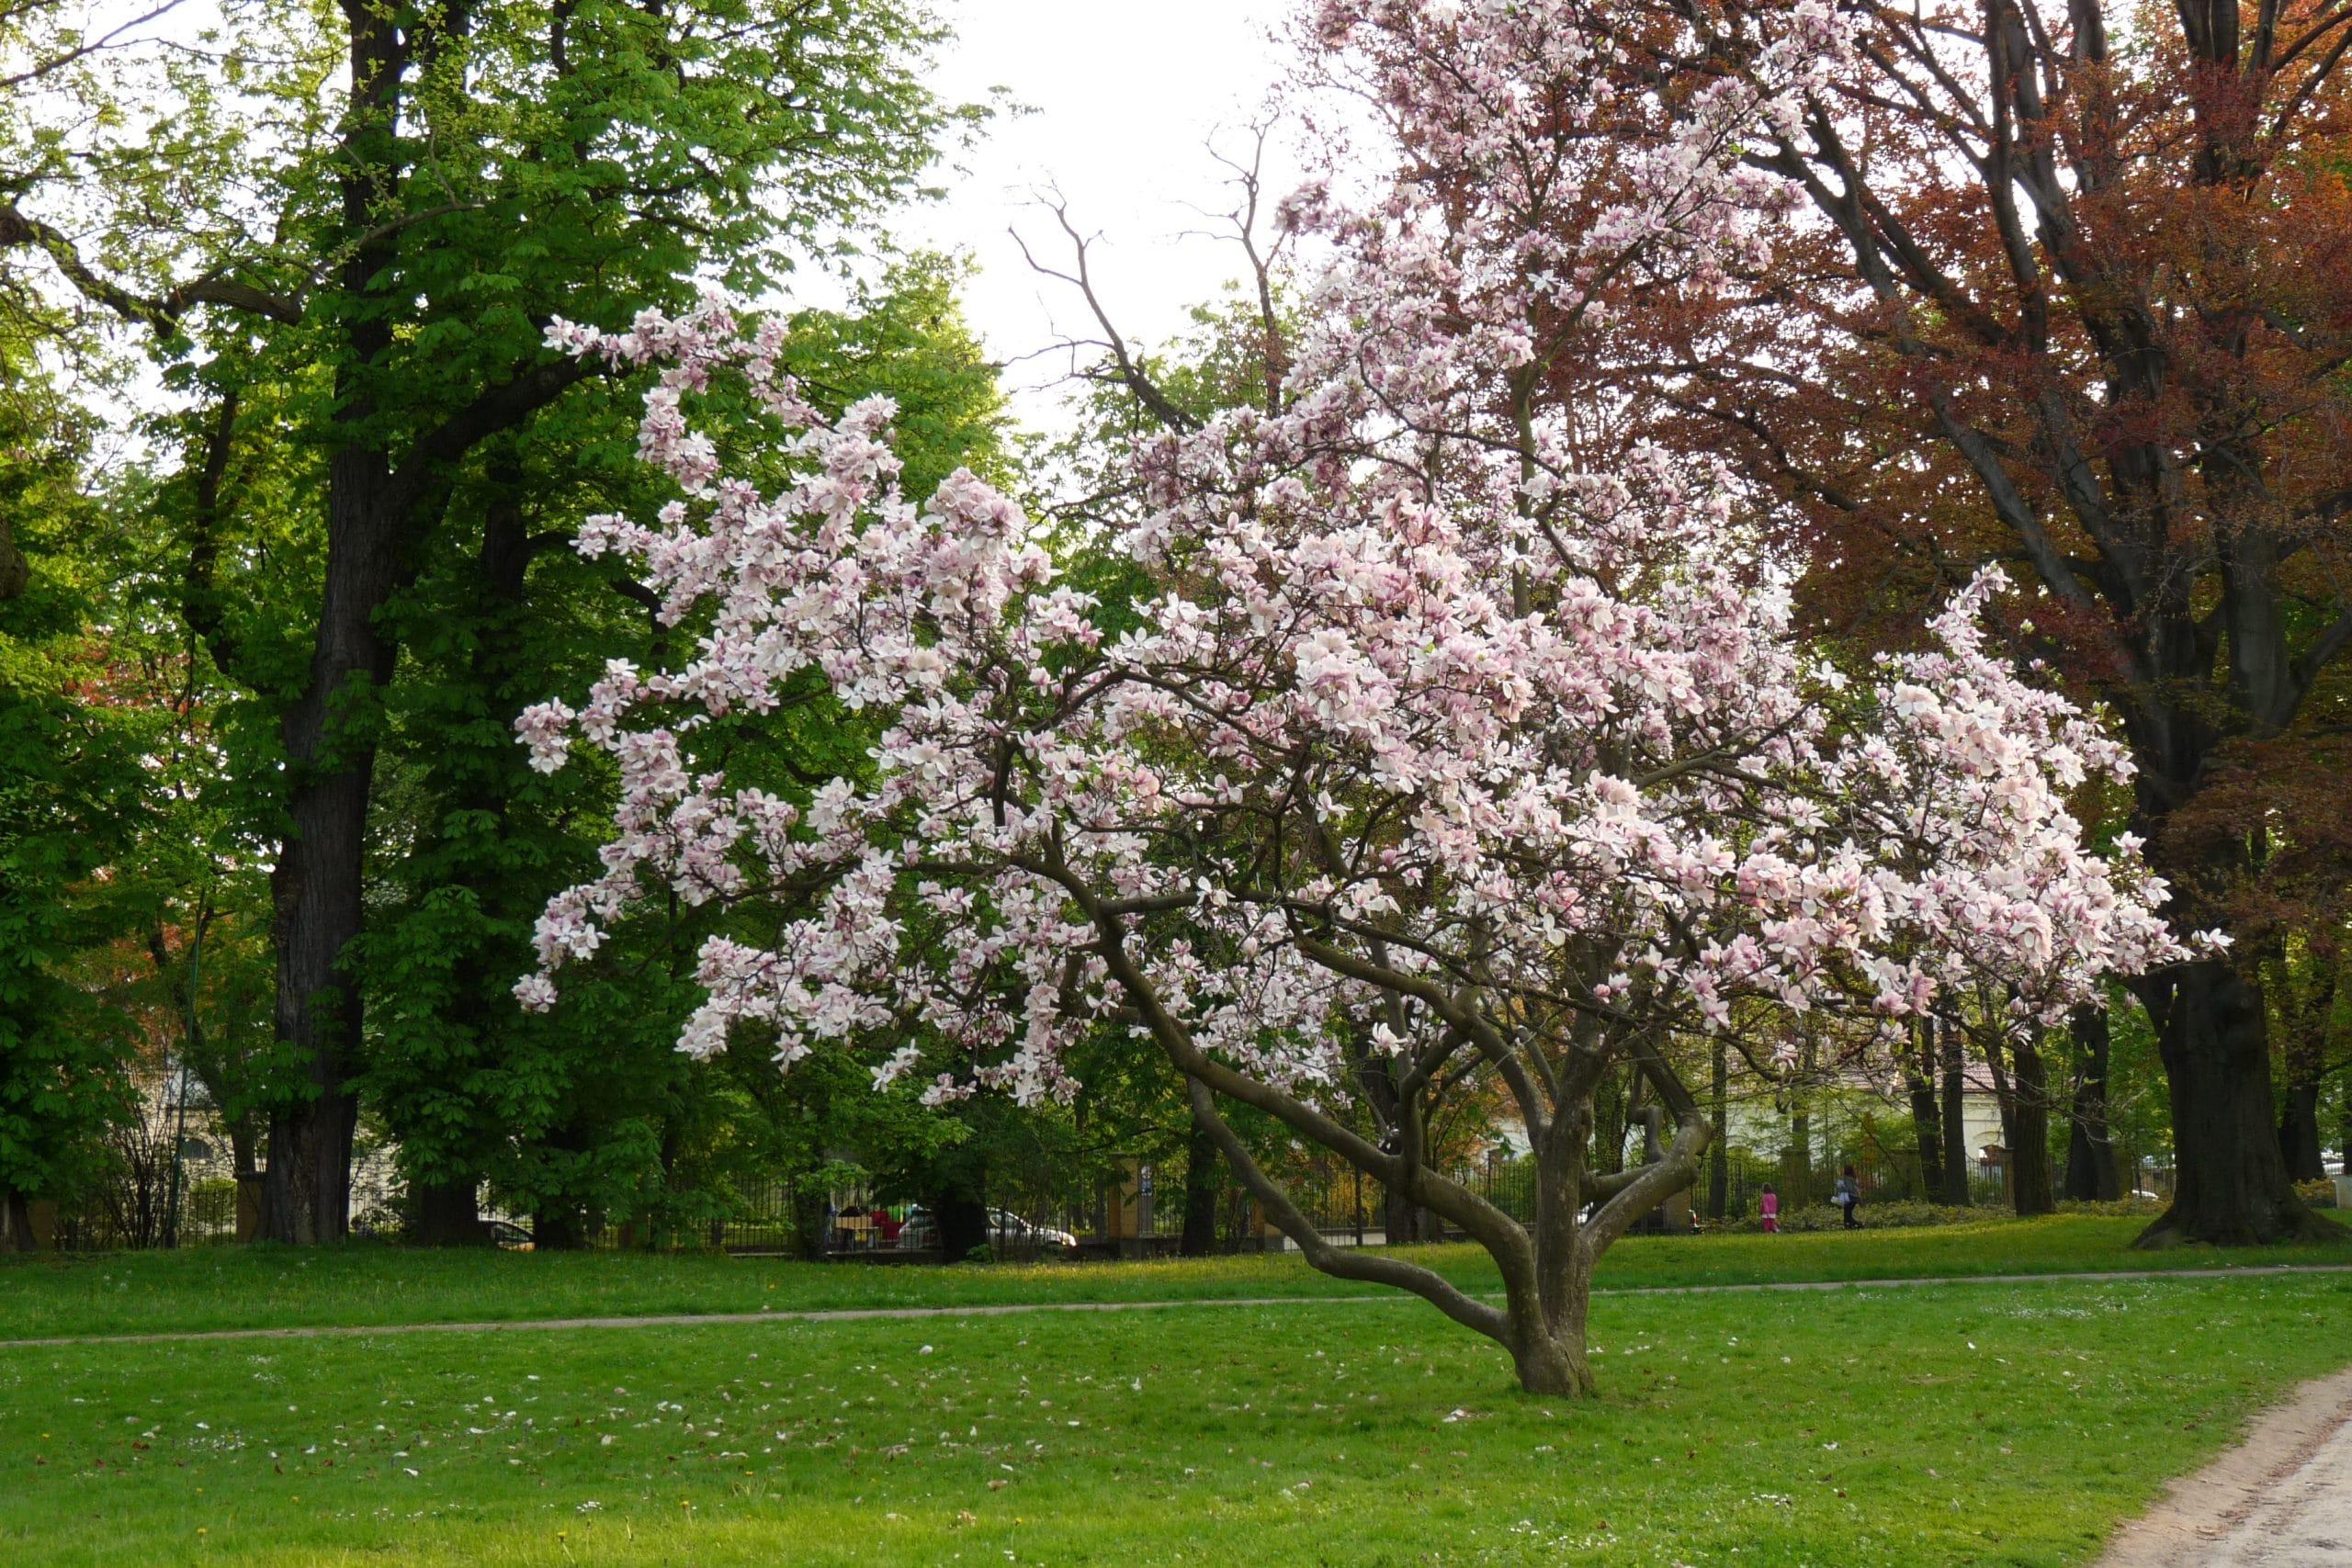 Vista de la Magnolia soulangeana en un parque